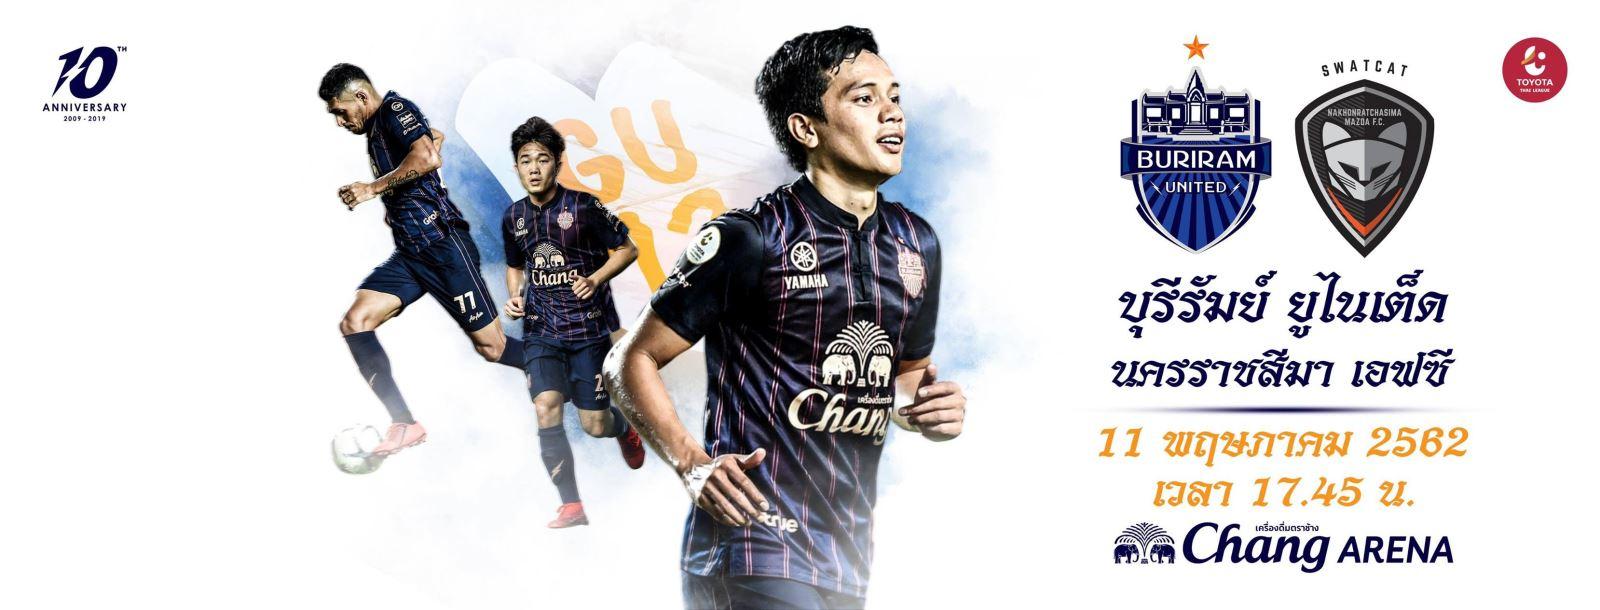 Văn Lâm, Xuân Trường, Đặng Văn Lâm, Lương Xuân Trường, trực tiếp Thai League, trực tiếp K League, Buriram United vs Nakhon Ratchasima, Muangthong United vs Samut Prakan